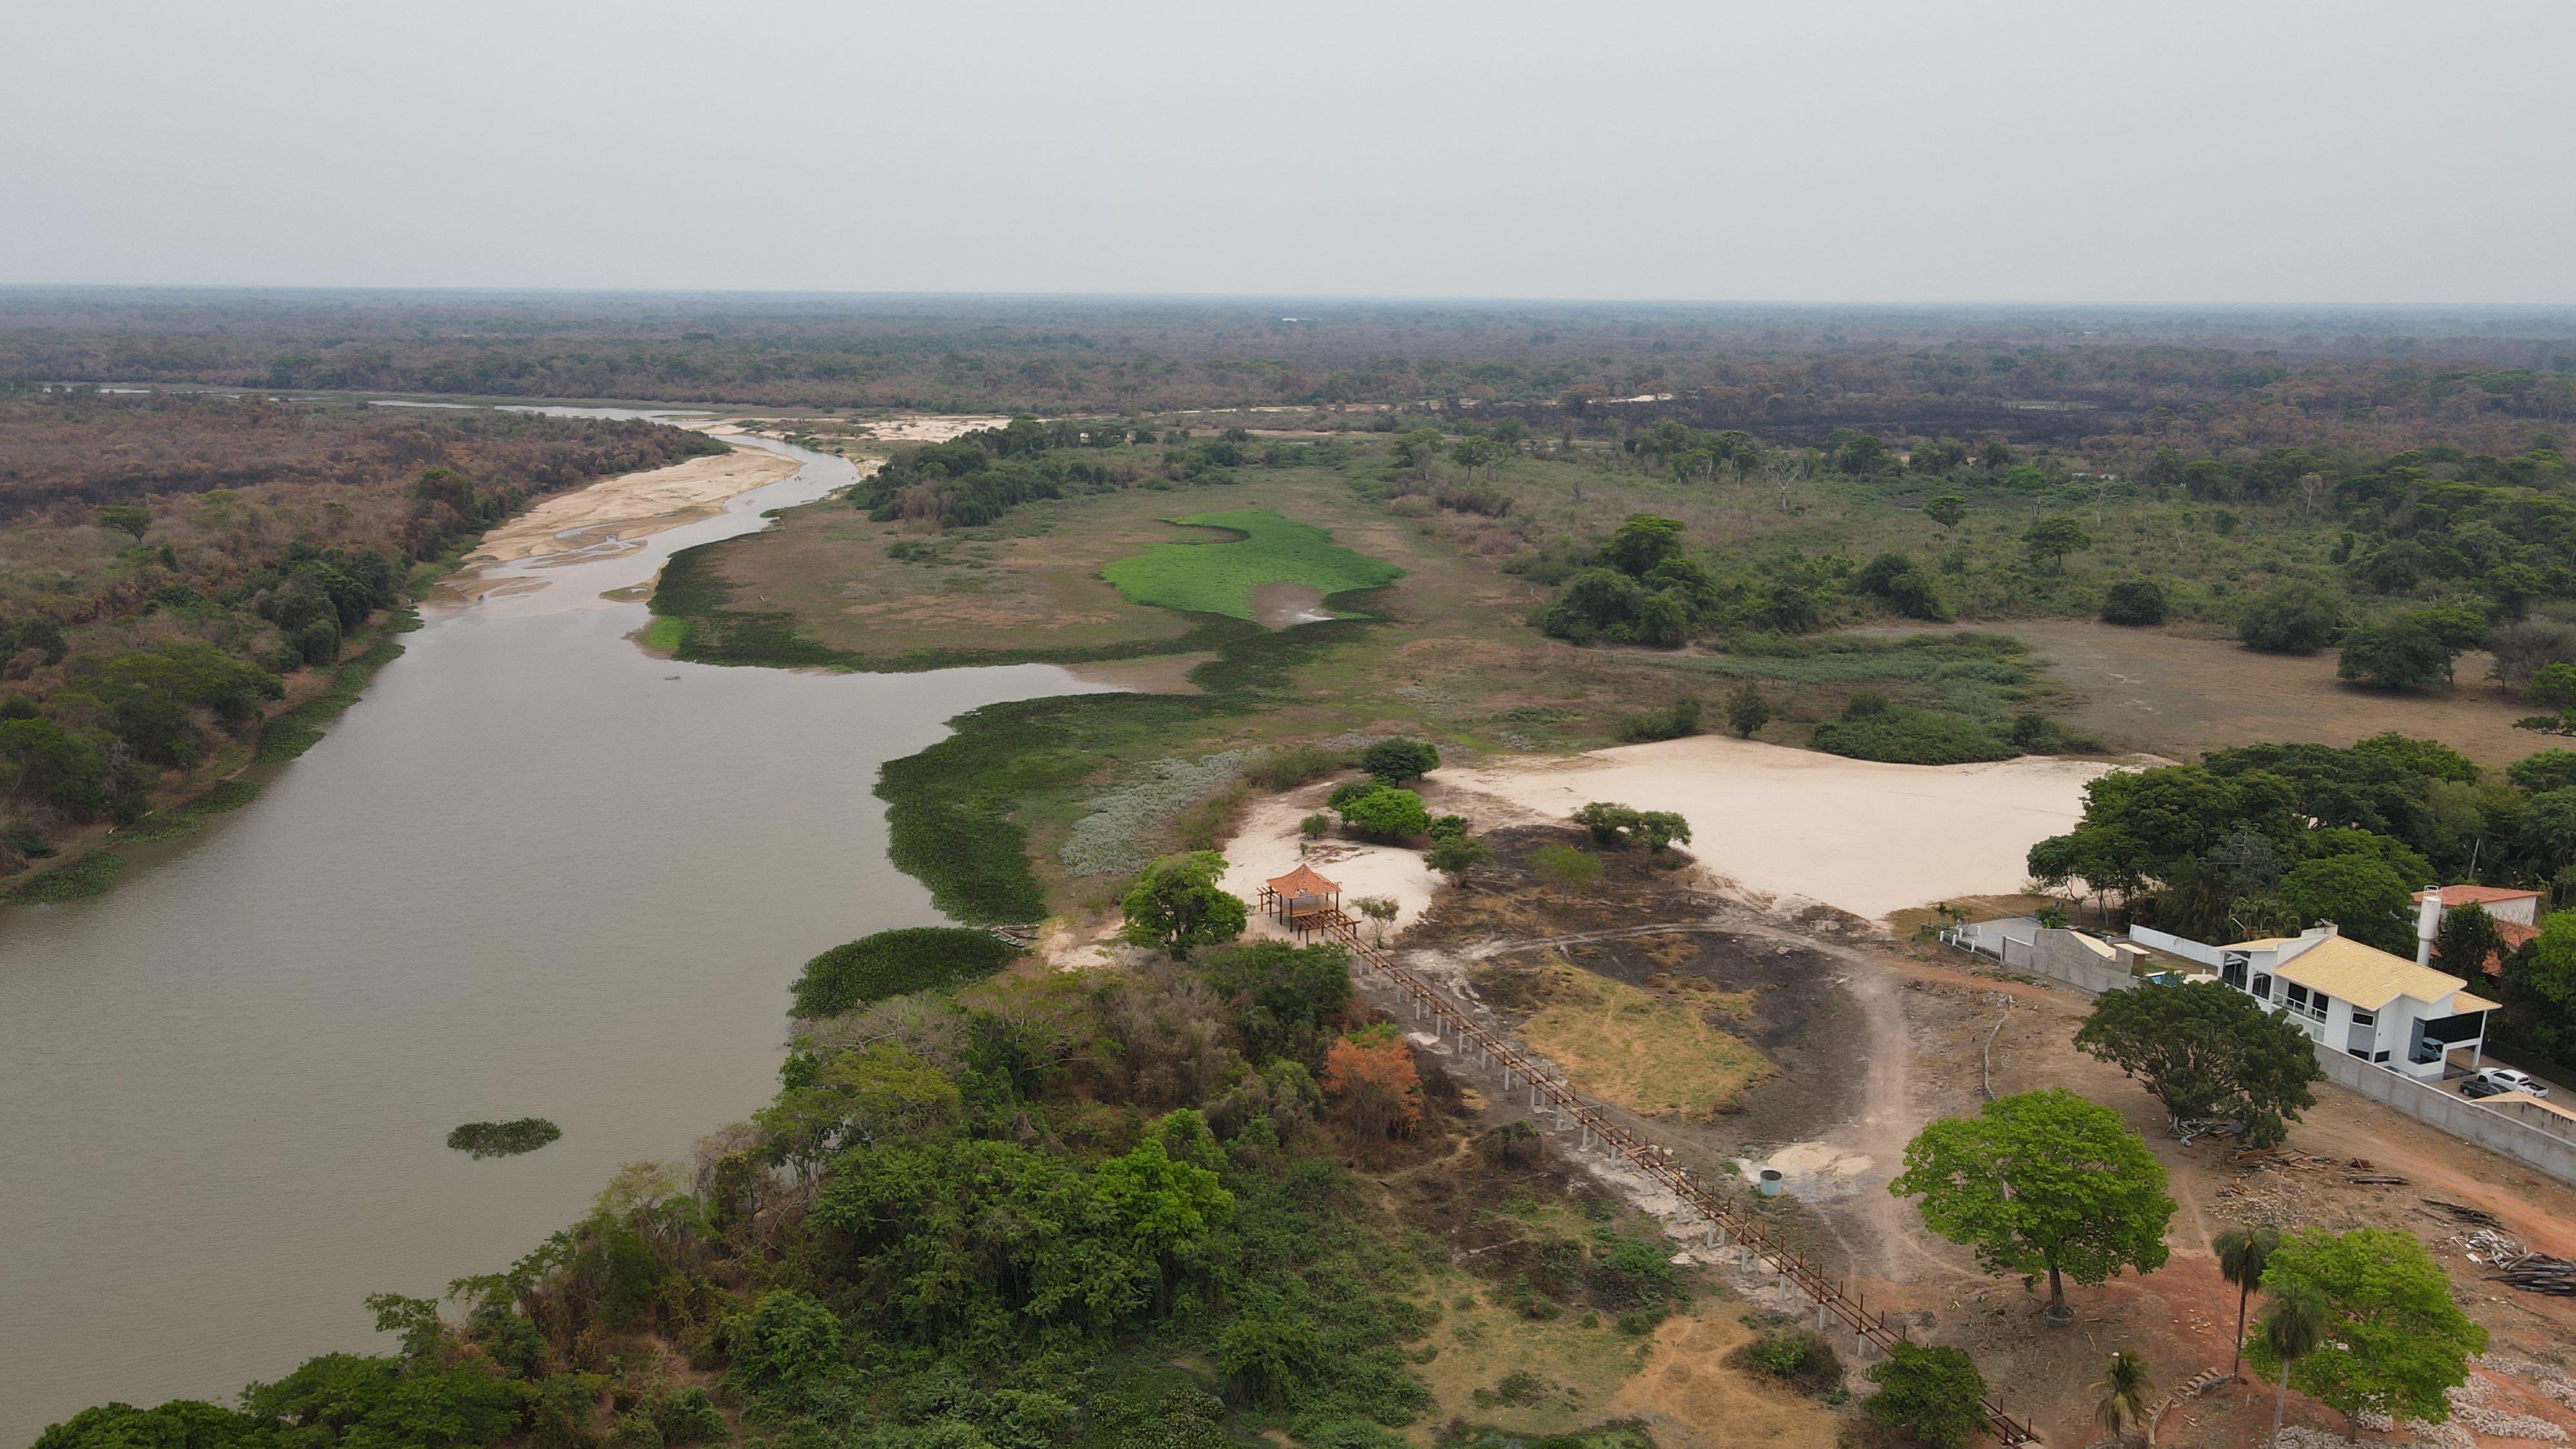 Condomínio no Rio Paraguai